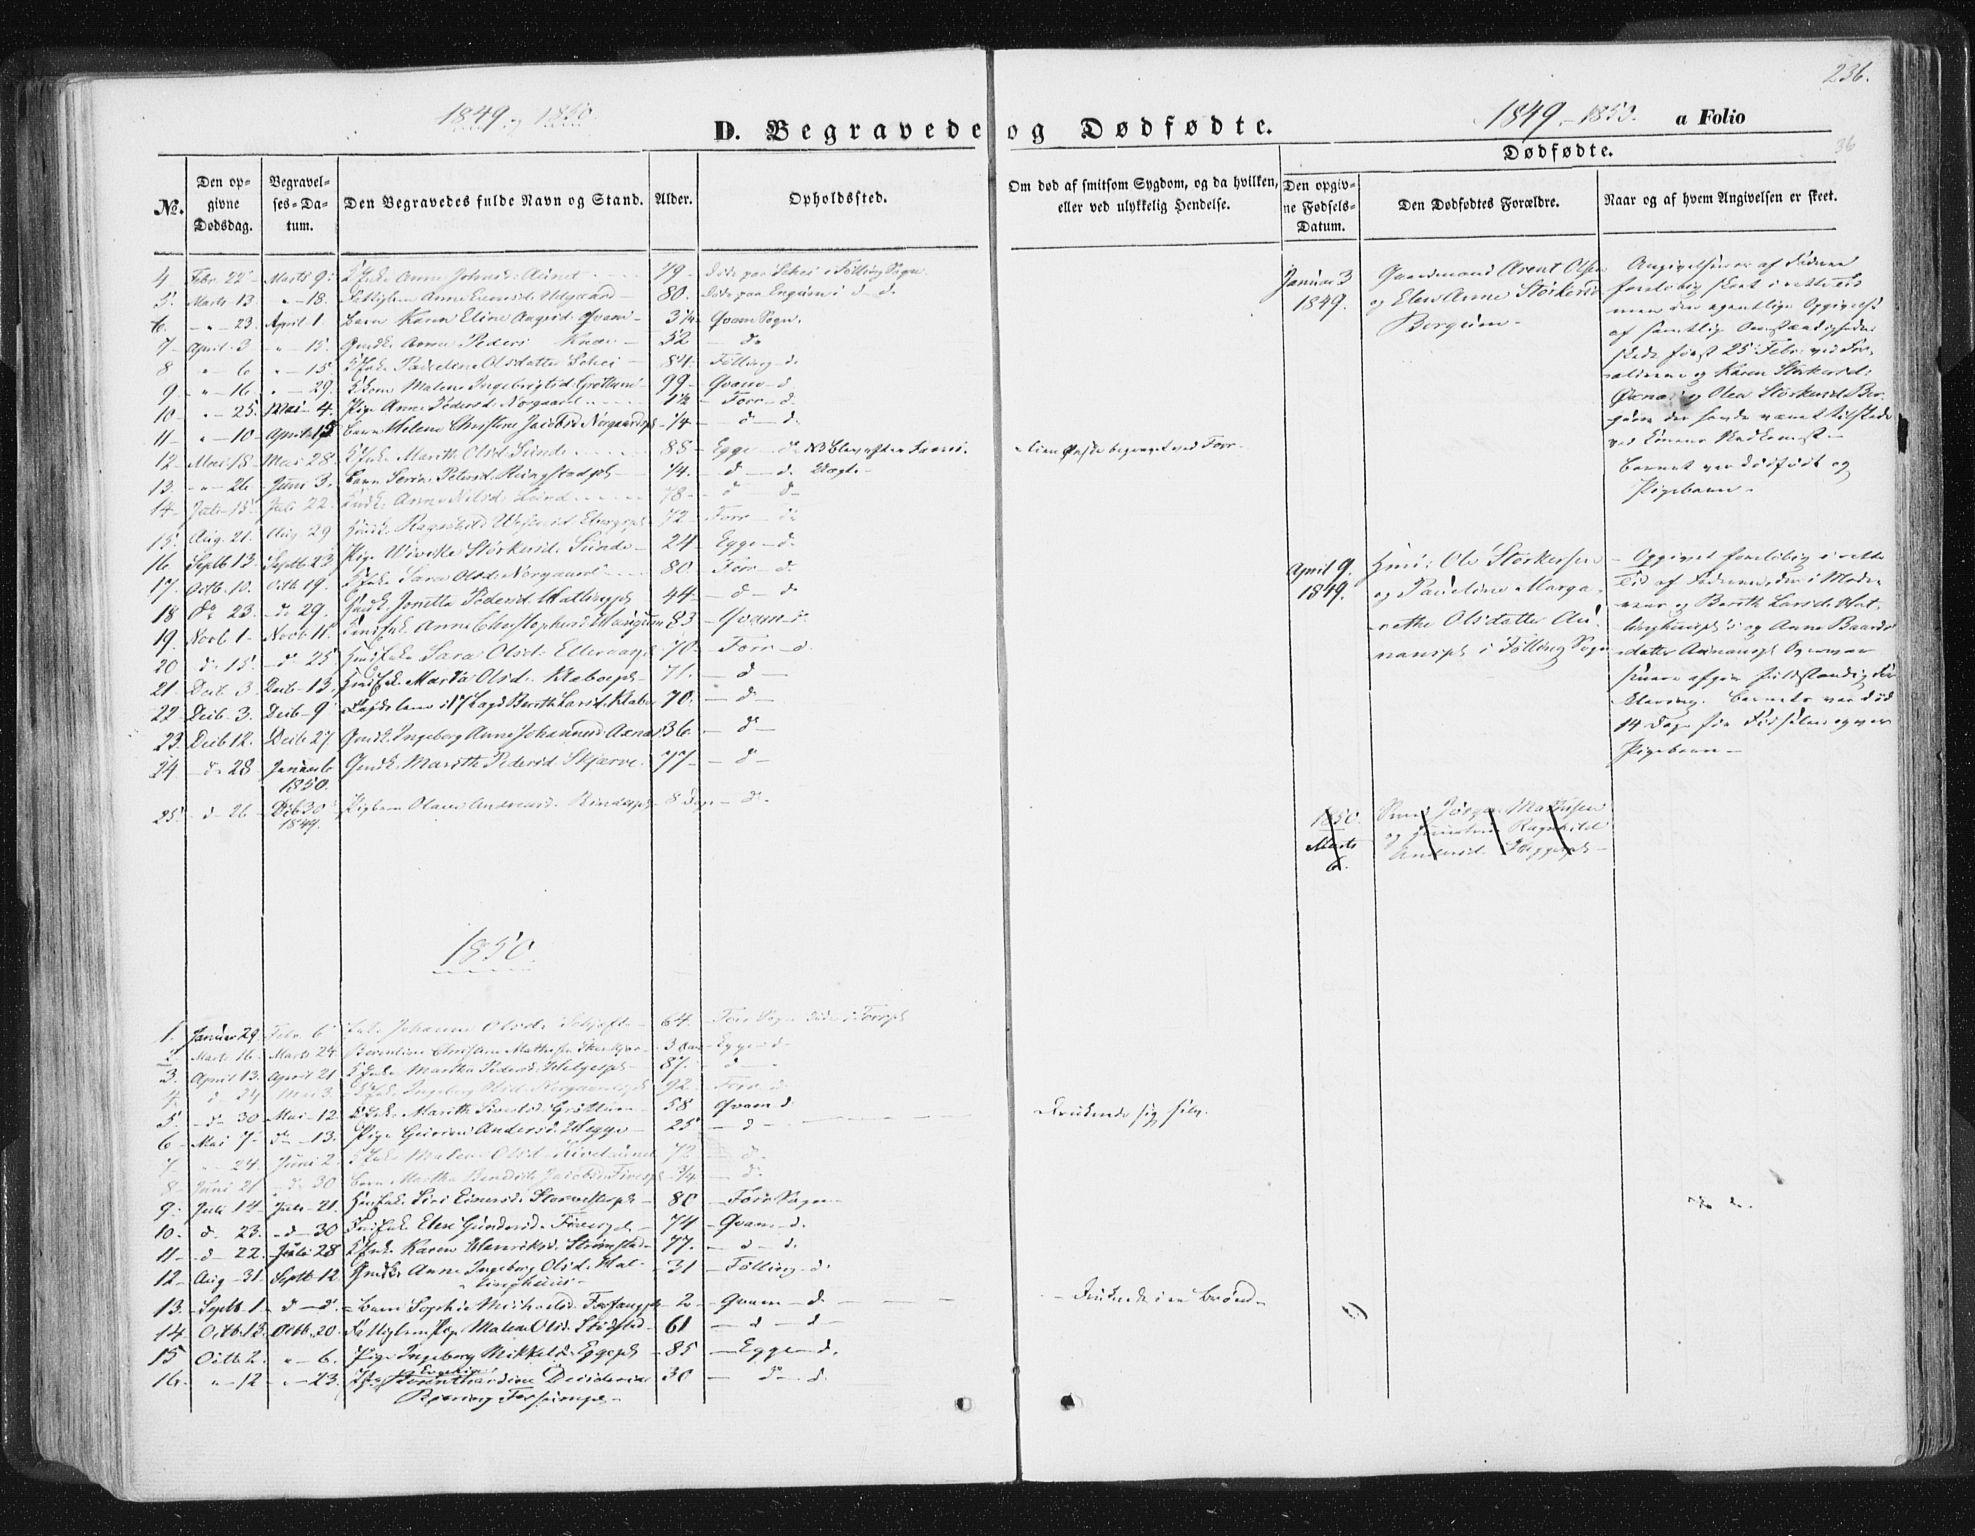 SAT, Ministerialprotokoller, klokkerbøker og fødselsregistre - Nord-Trøndelag, 746/L0446: Ministerialbok nr. 746A05, 1846-1859, s. 236